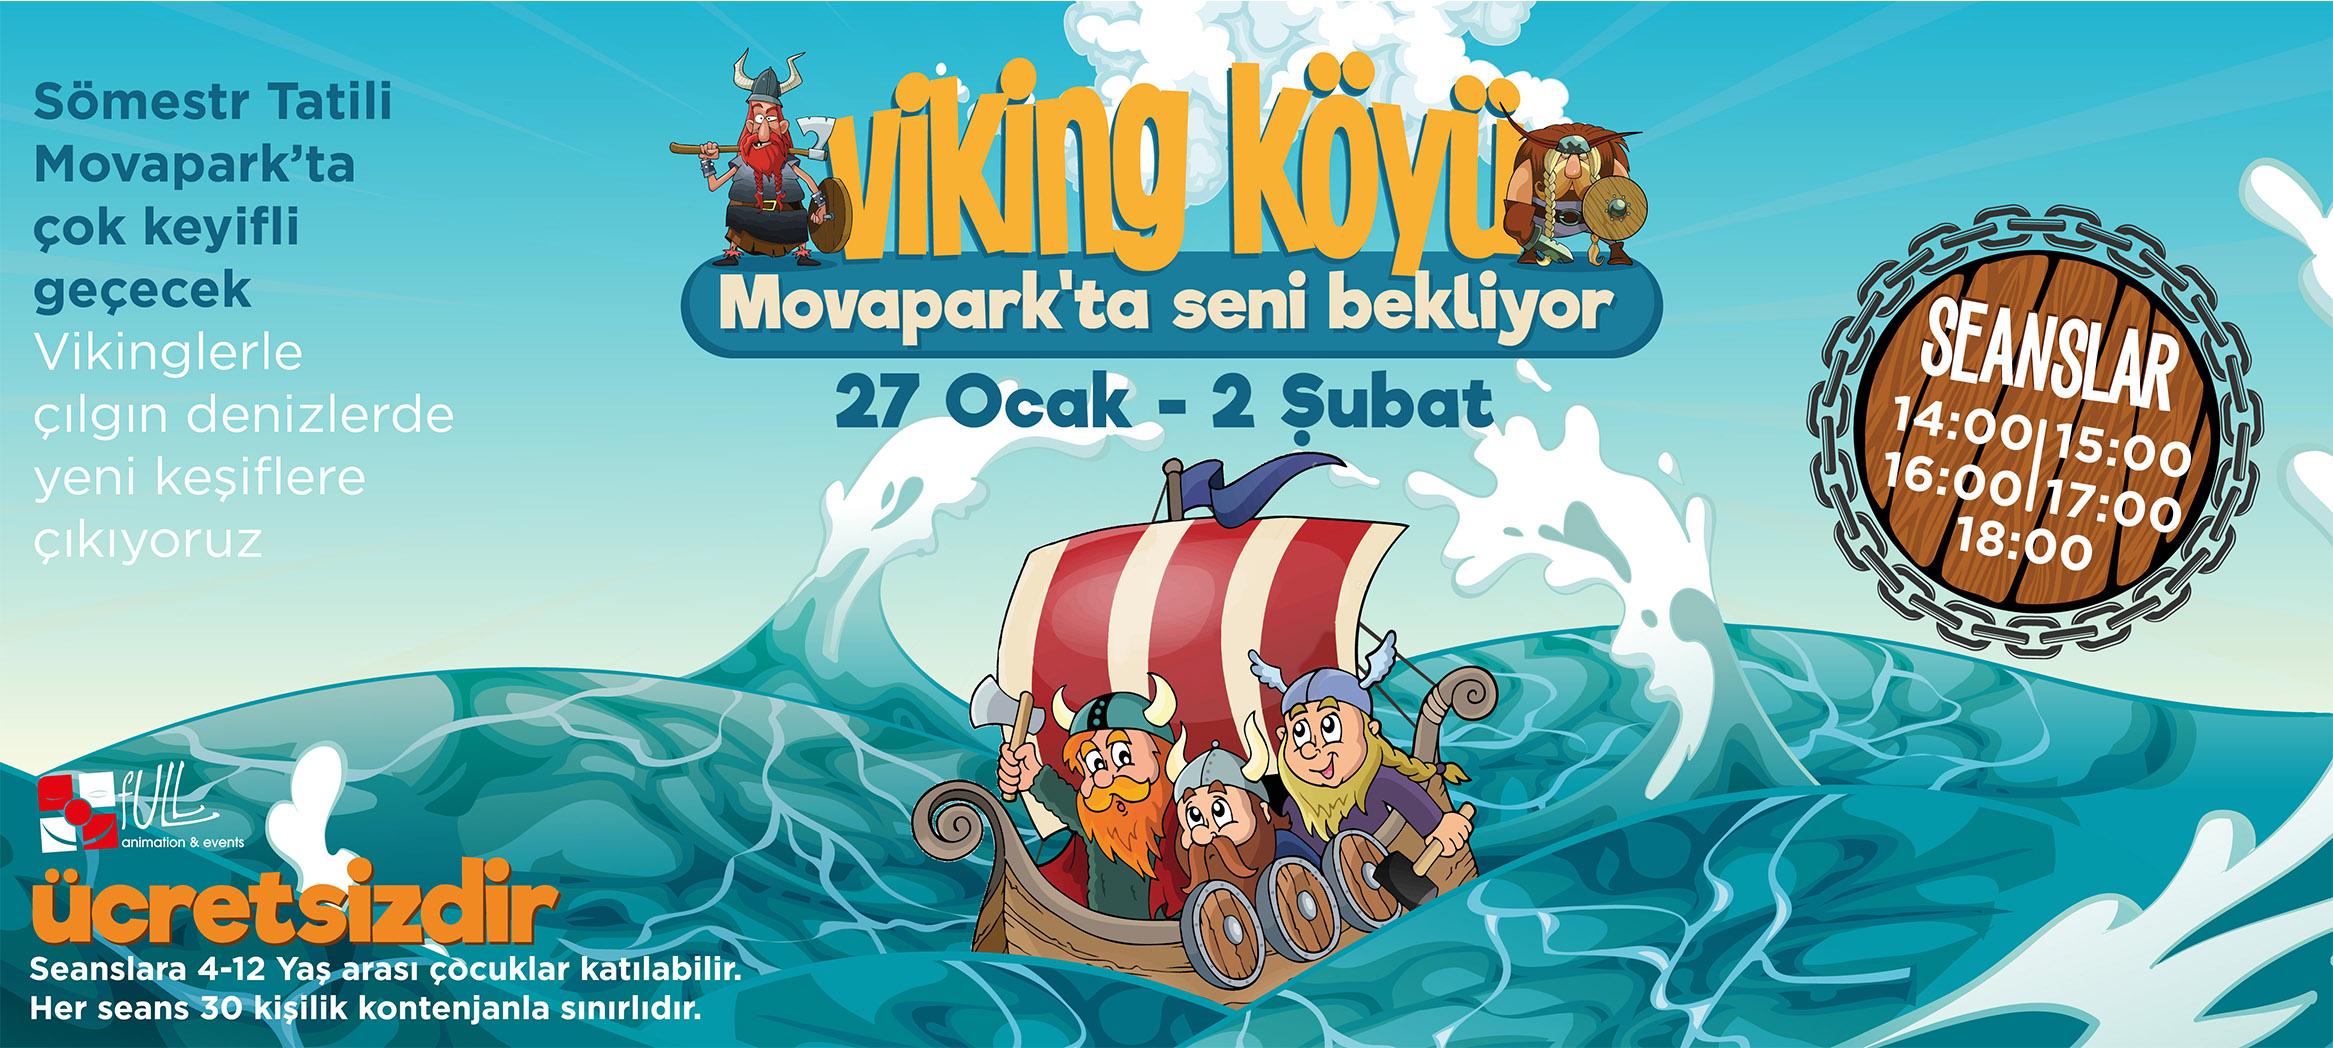 Viking Köyü Movapark'ta Seni Bekliyor!